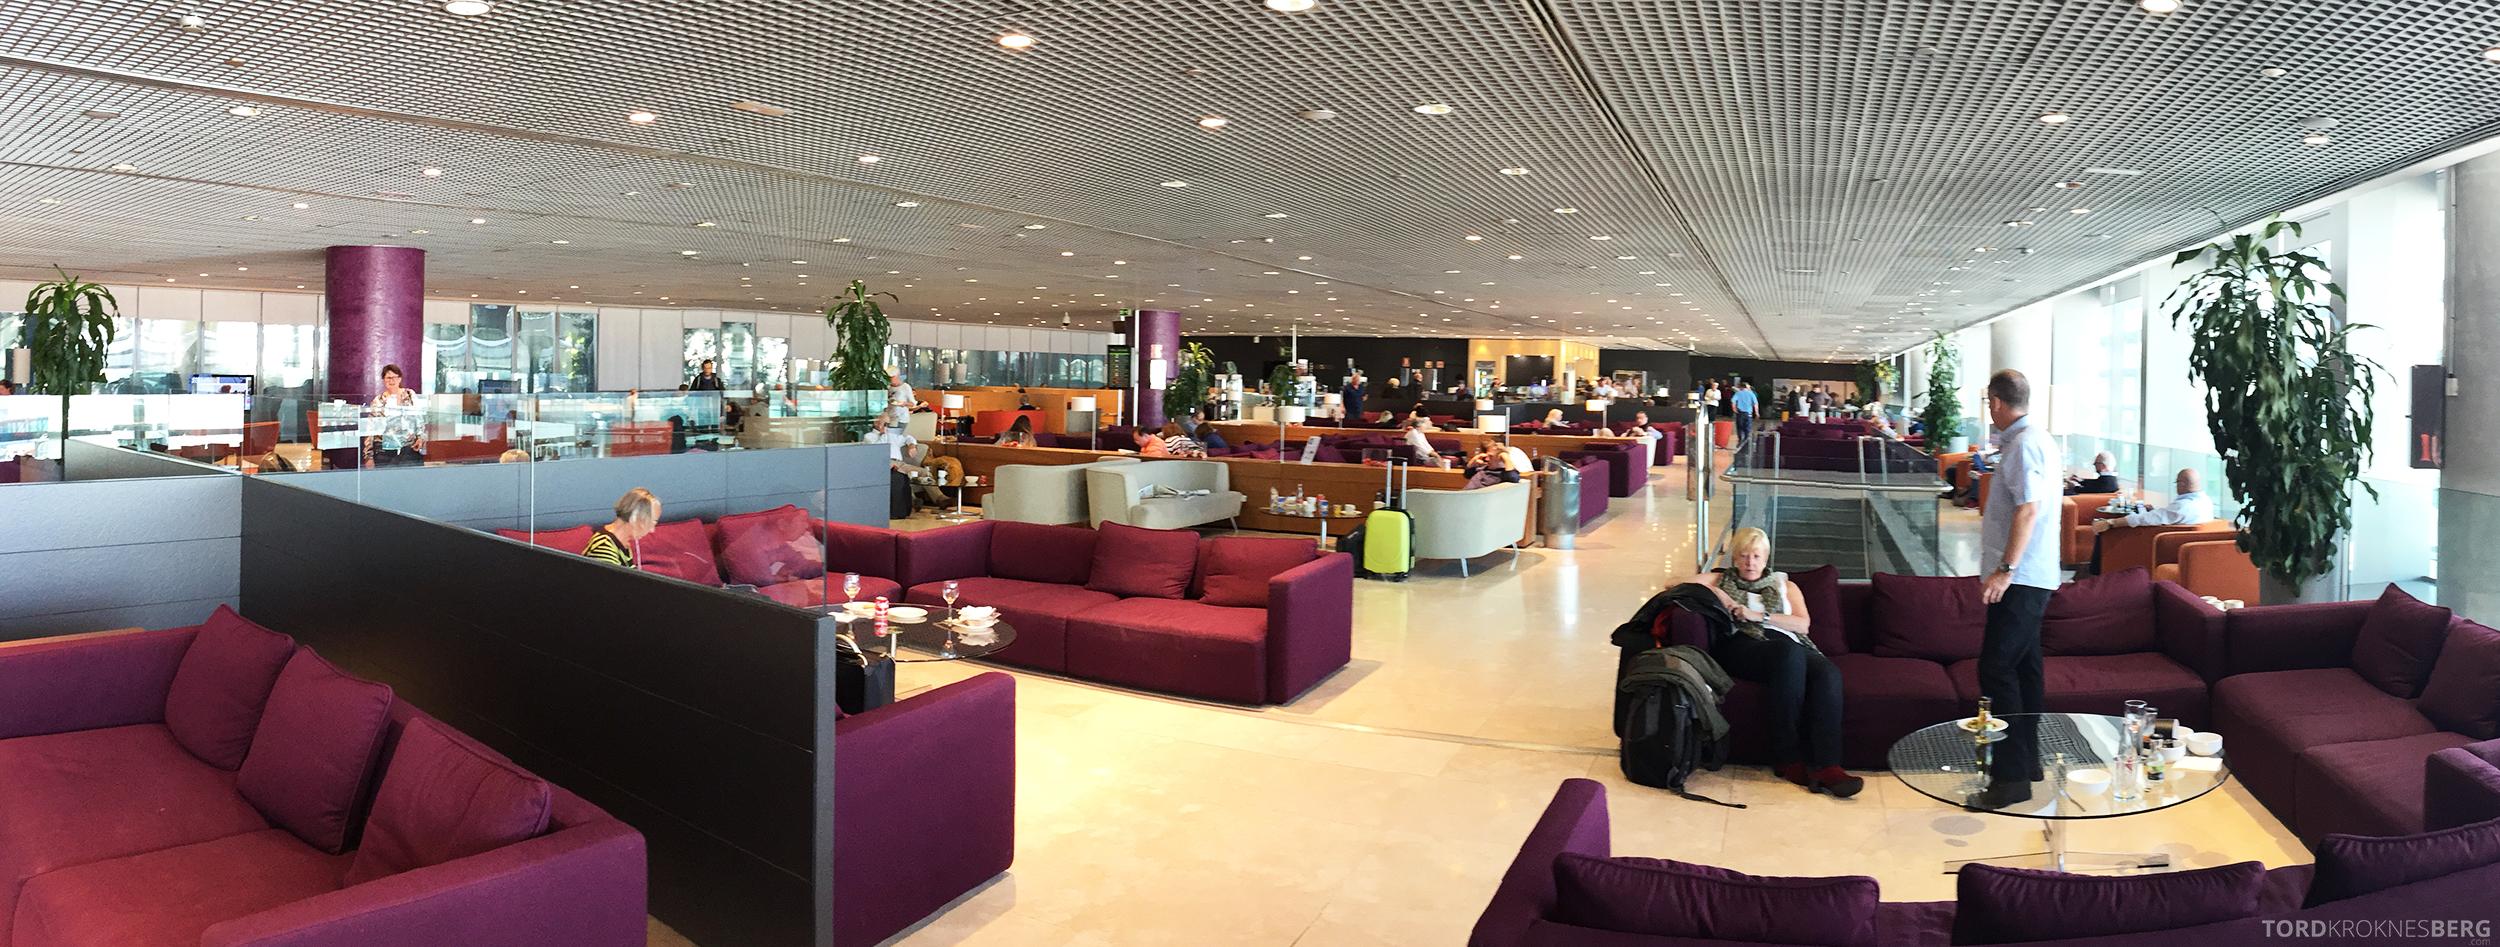 Sala VIP Lounge Malaga panorama